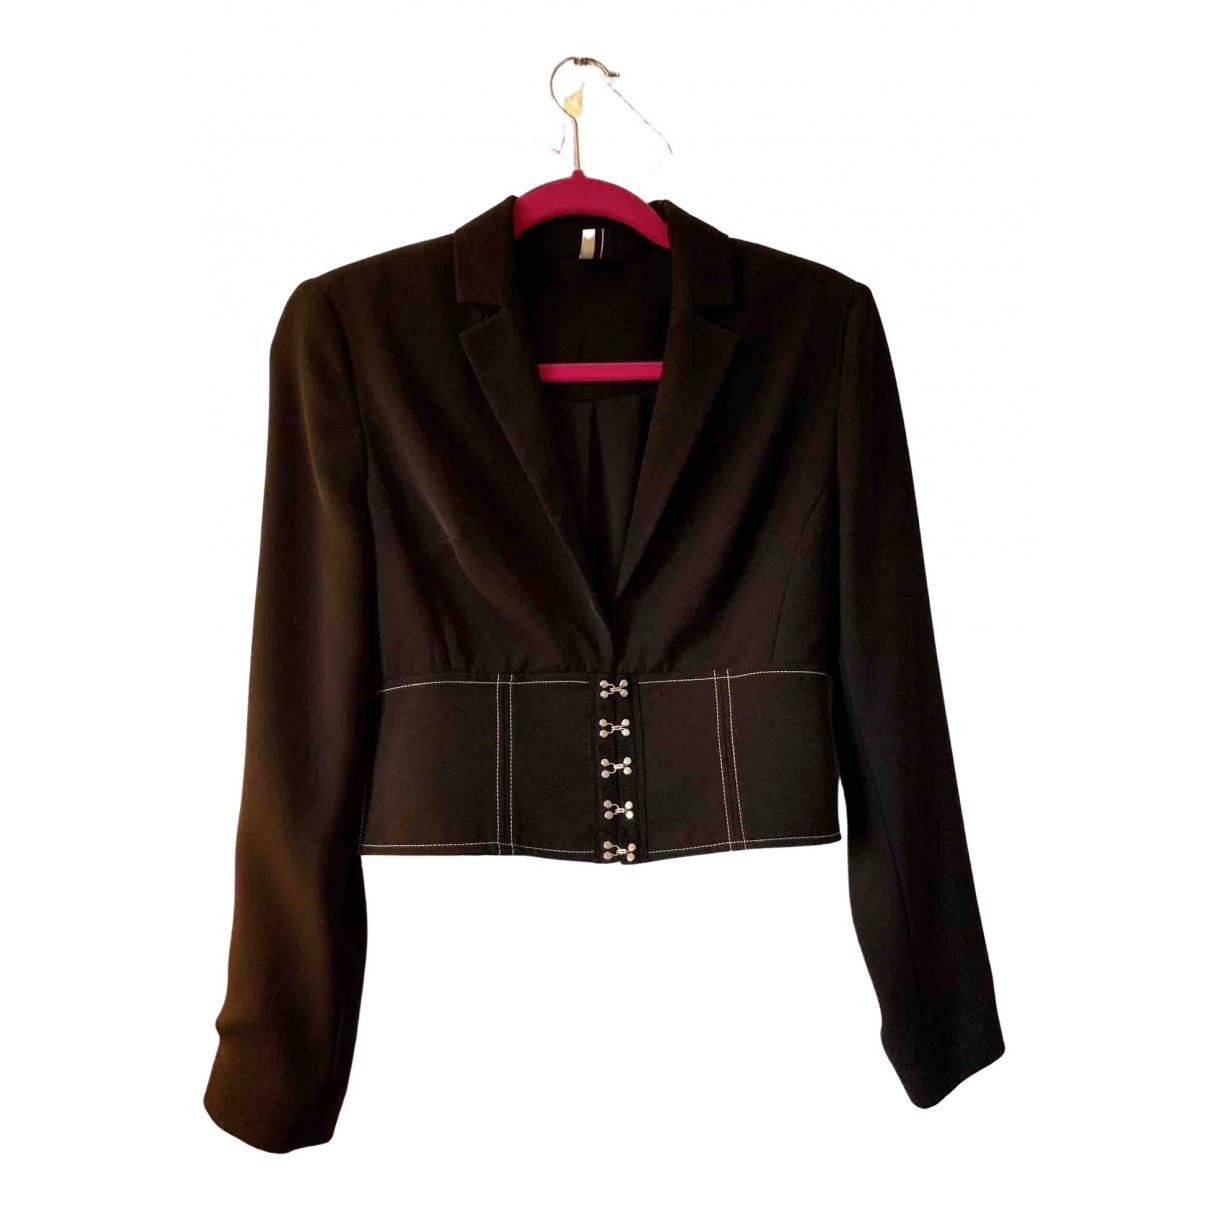 tophop \N Black jacket for Women 10 UK